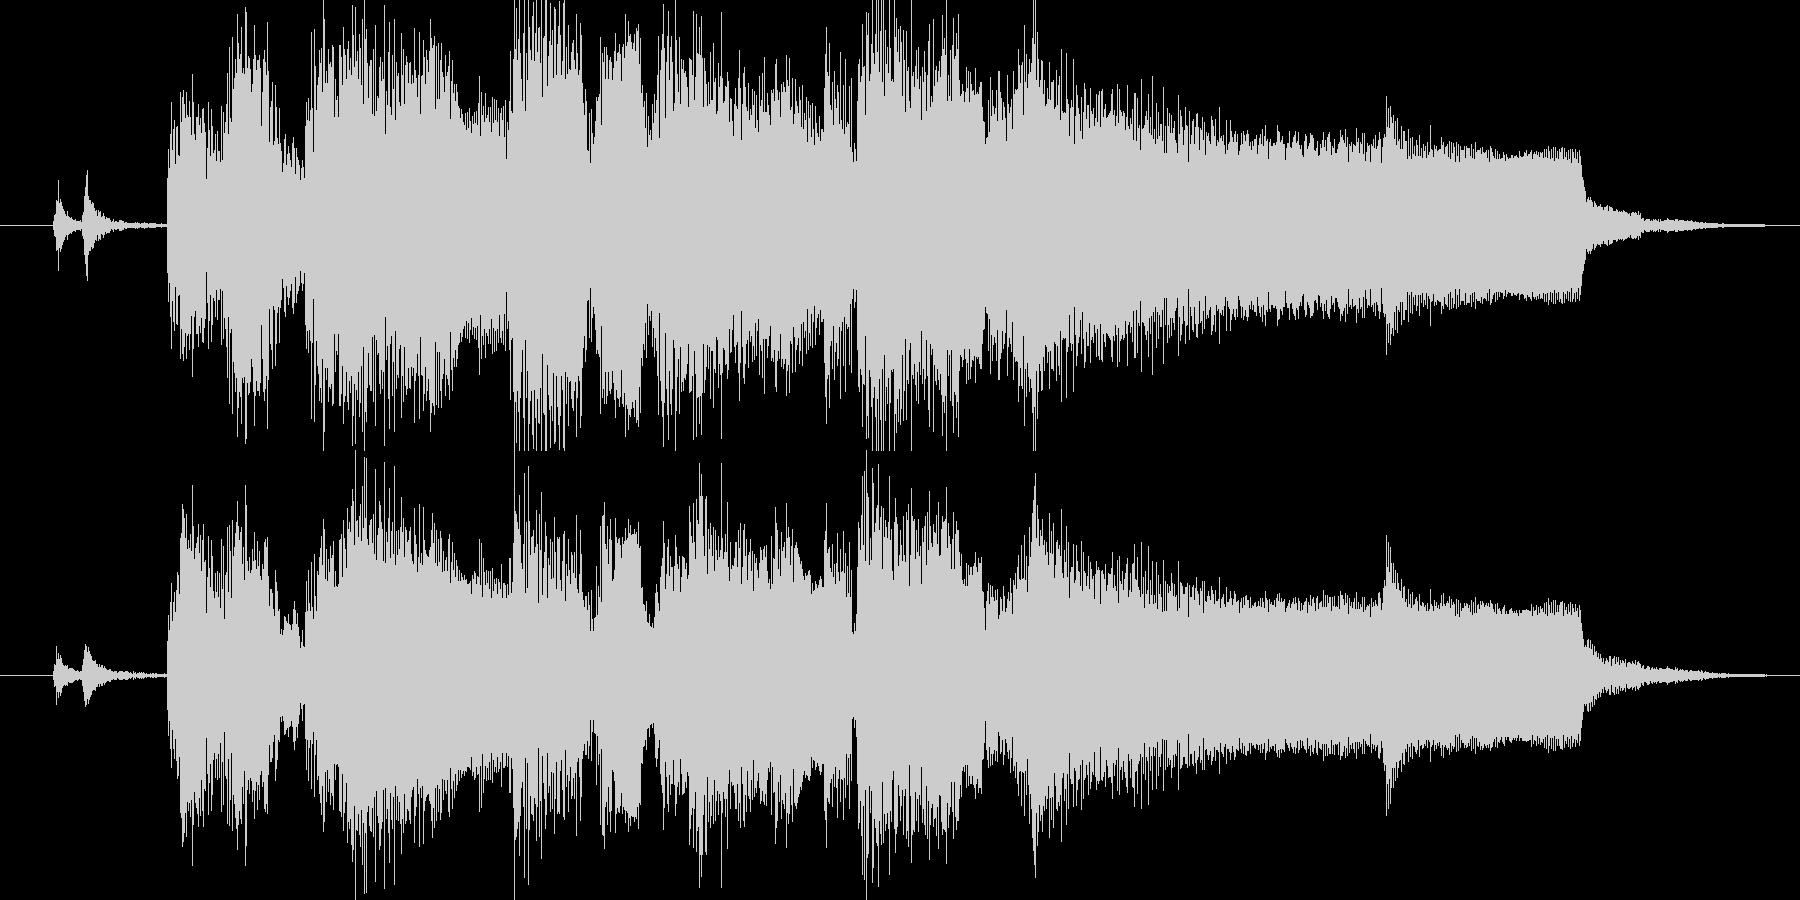 ジャズ風にアレンジしたジングルの未再生の波形